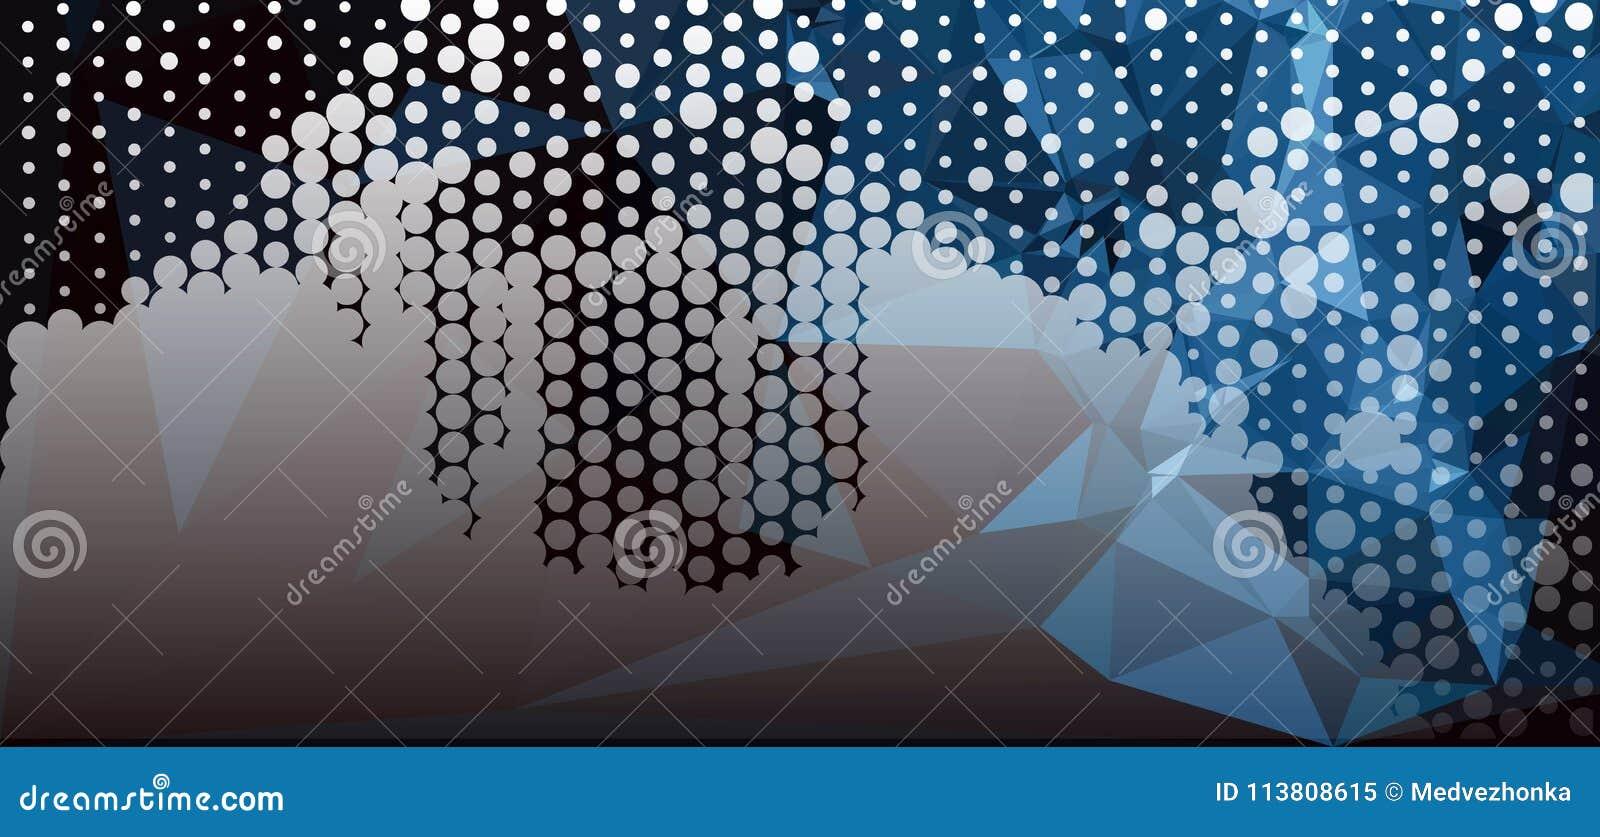 Fond abstrait pour des bannières, texture, insecte, disposition, carte postale